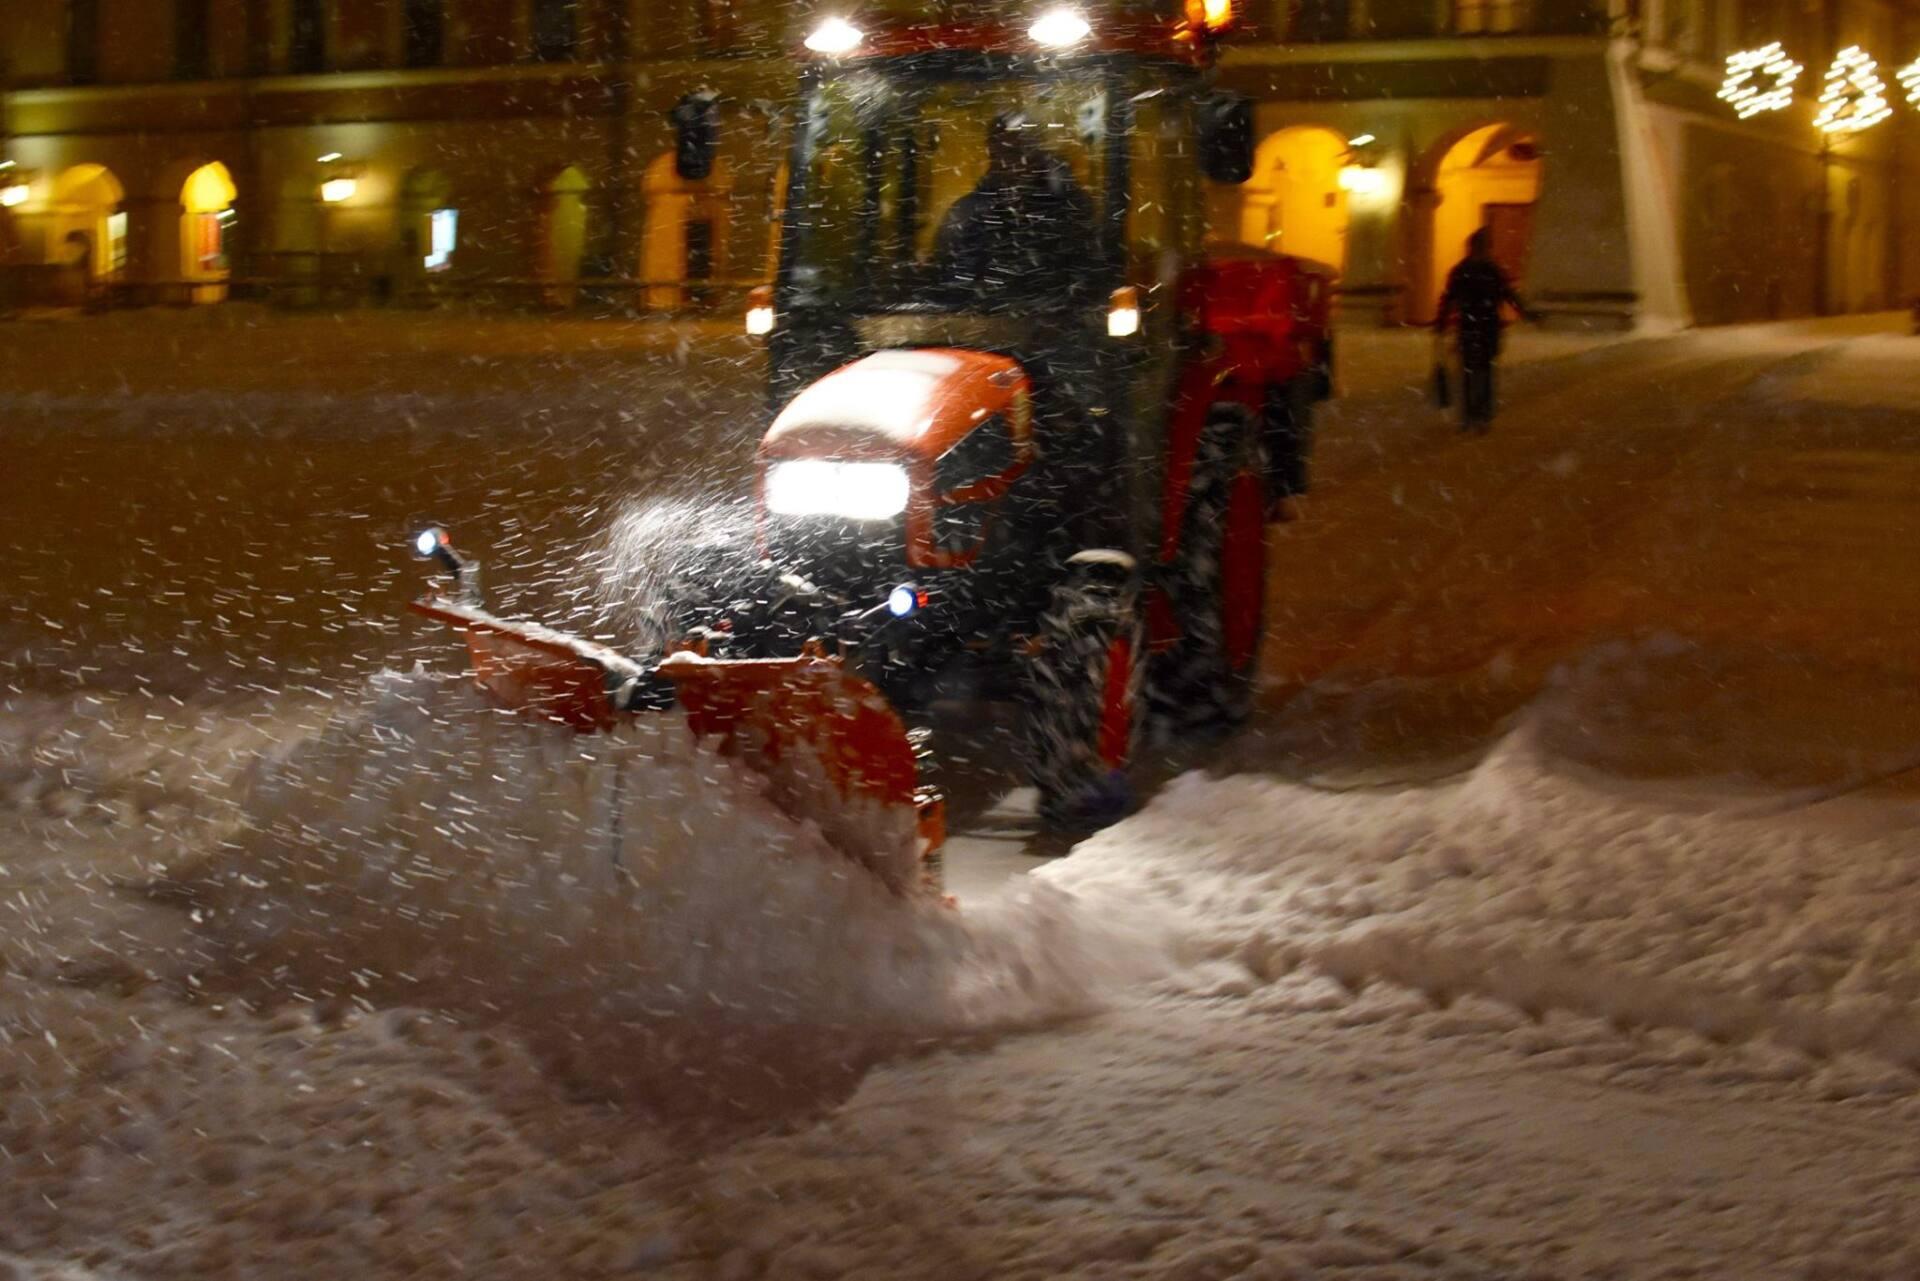 12525485 1685563171713813 3442180820167288551 o Zamość: Wiadomo już, kto zajmie się zimowym utrzymaniem dróg w mieście